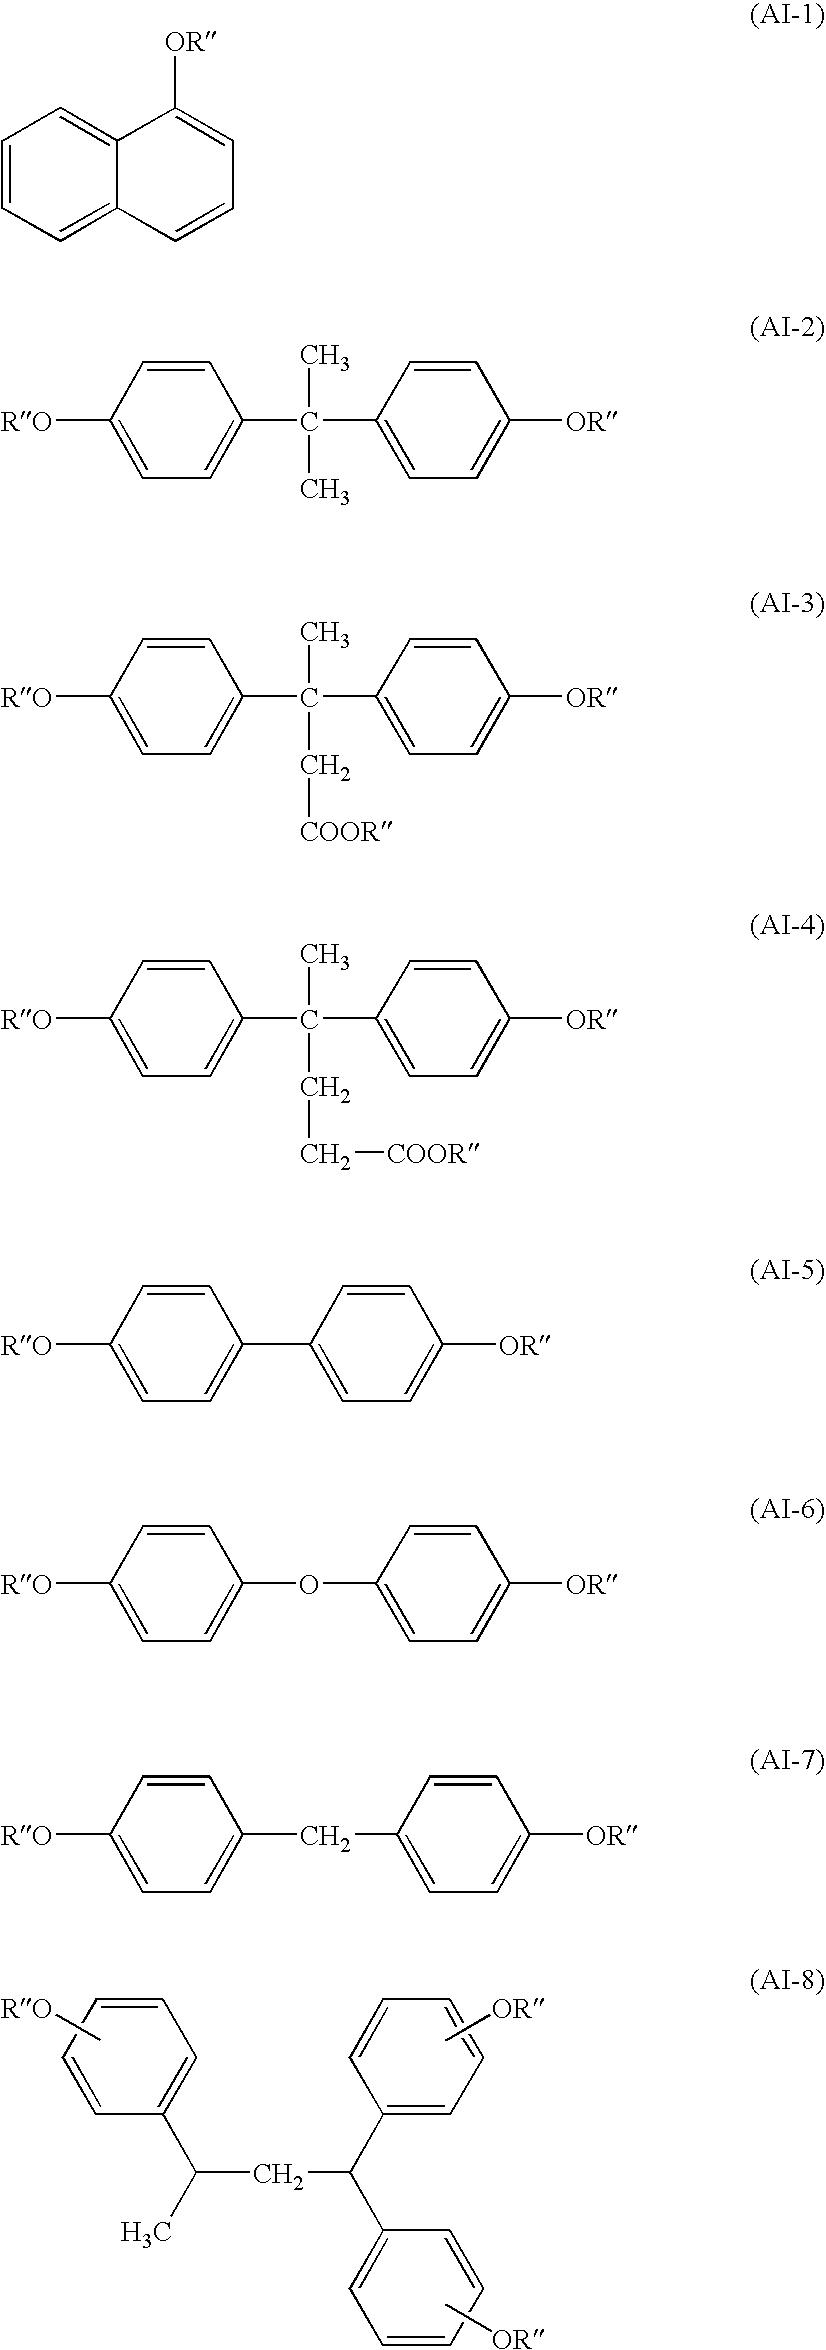 Figure US20070231738A1-20071004-C00071